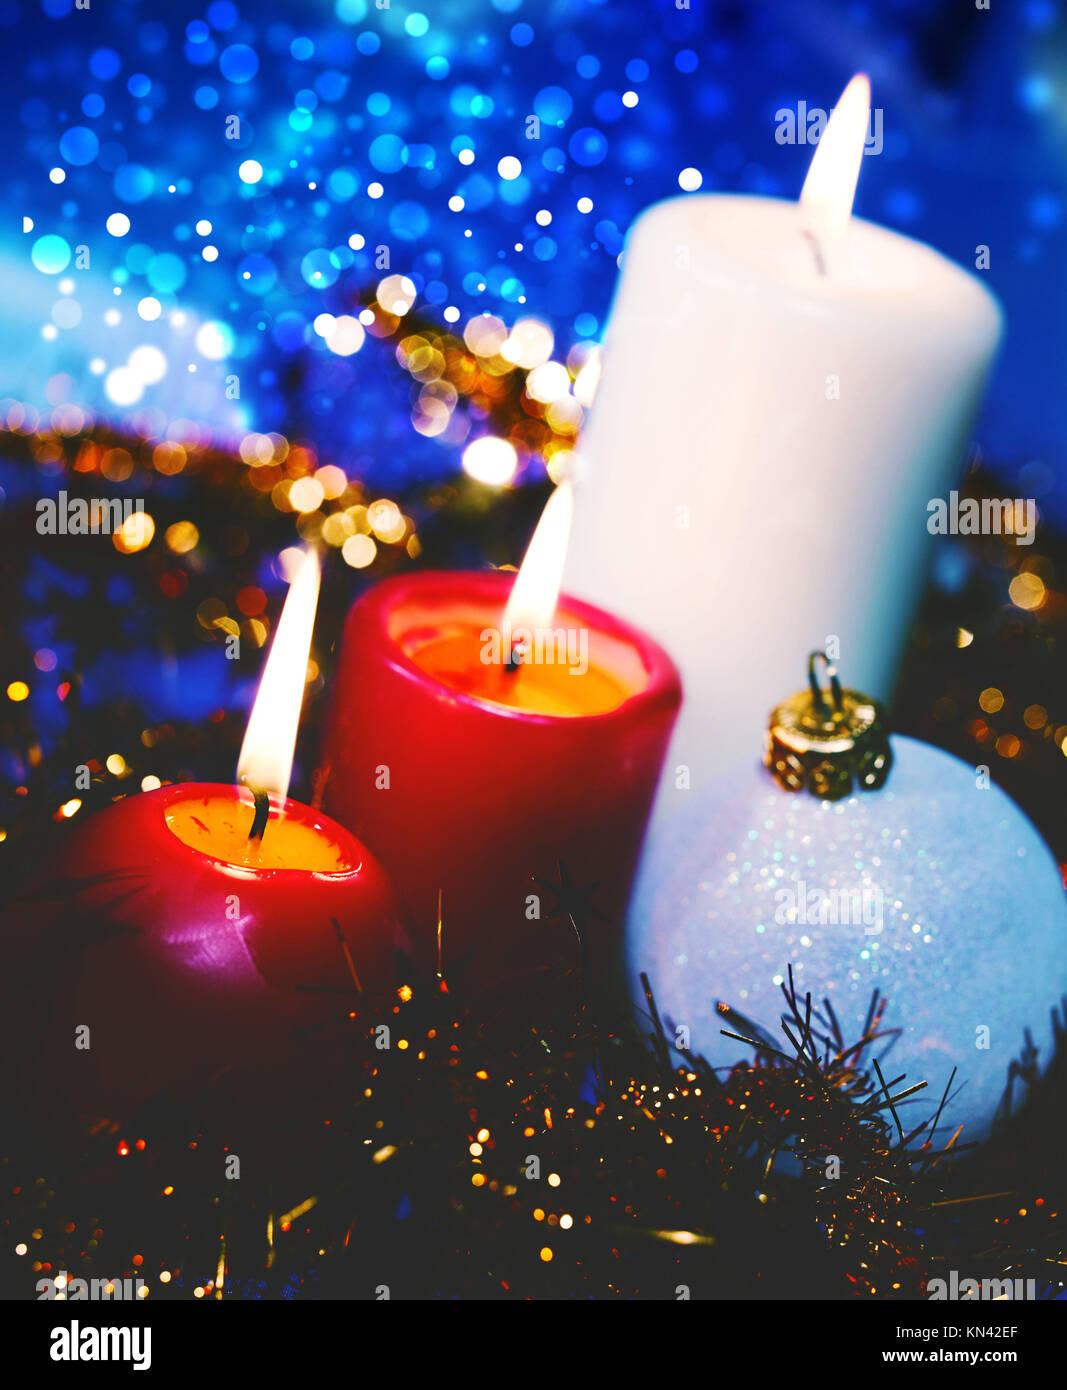 Gli sfondi di Natale con le candele e la ghirlanda Immagini Stock